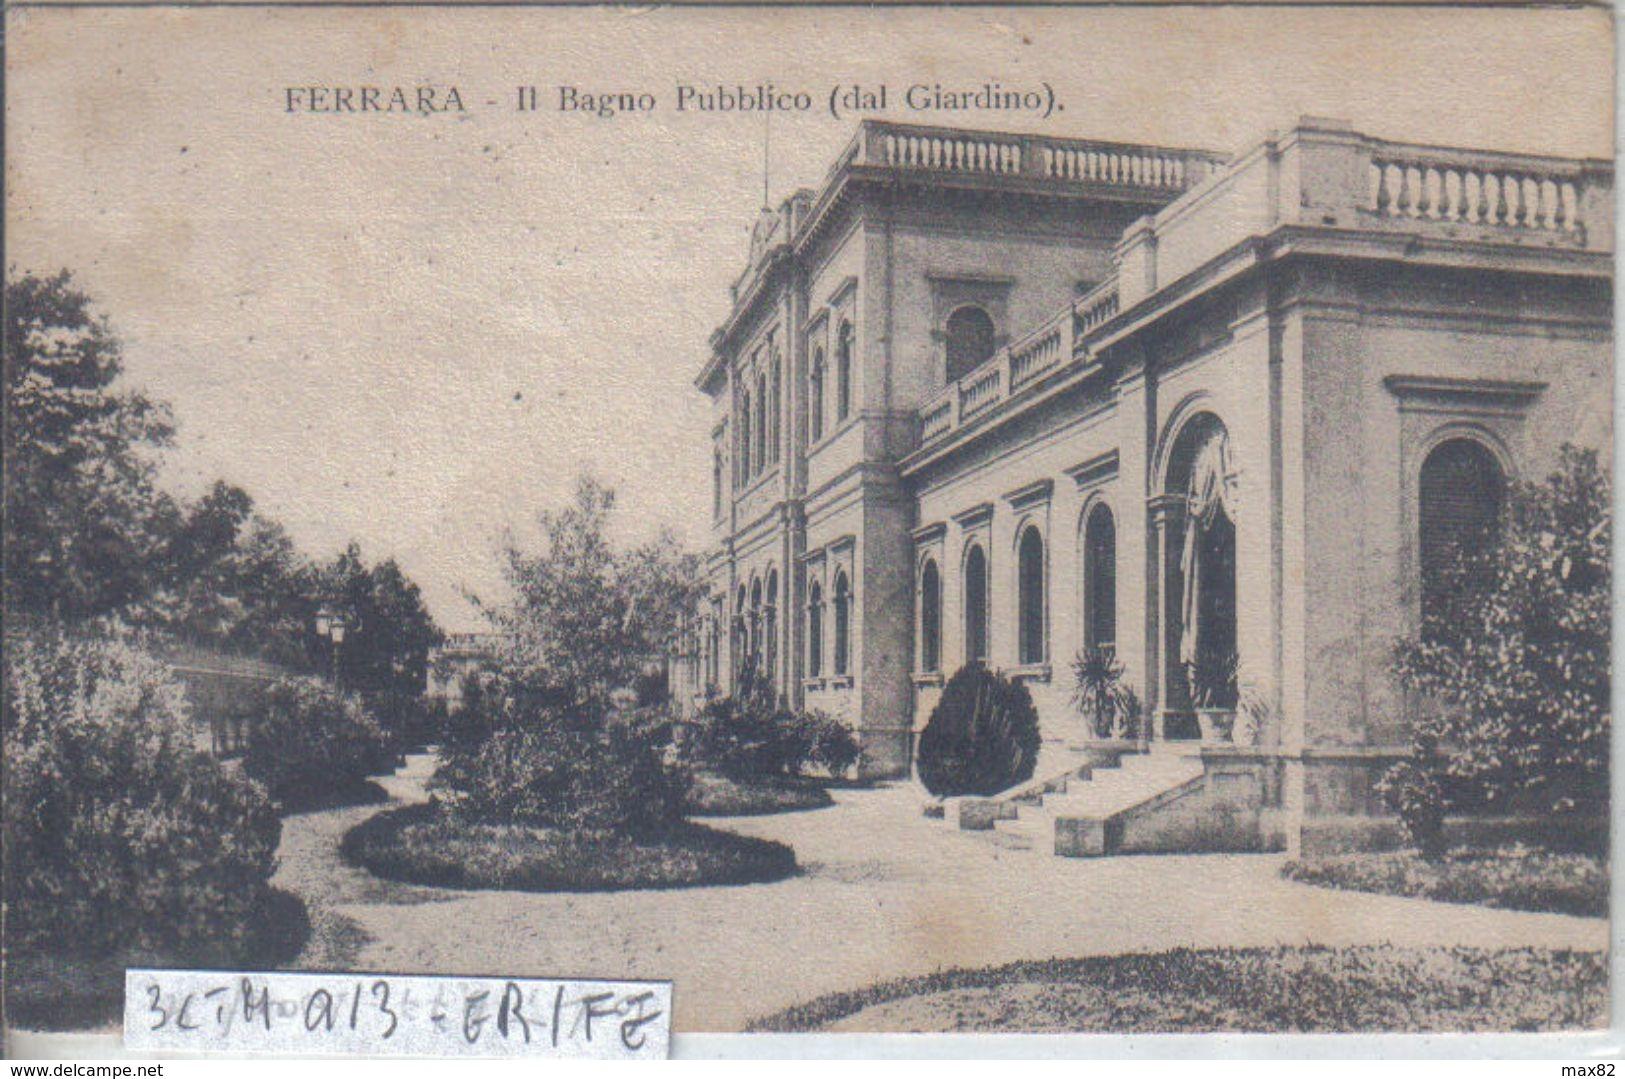 FERRARA (6) - Ferrara